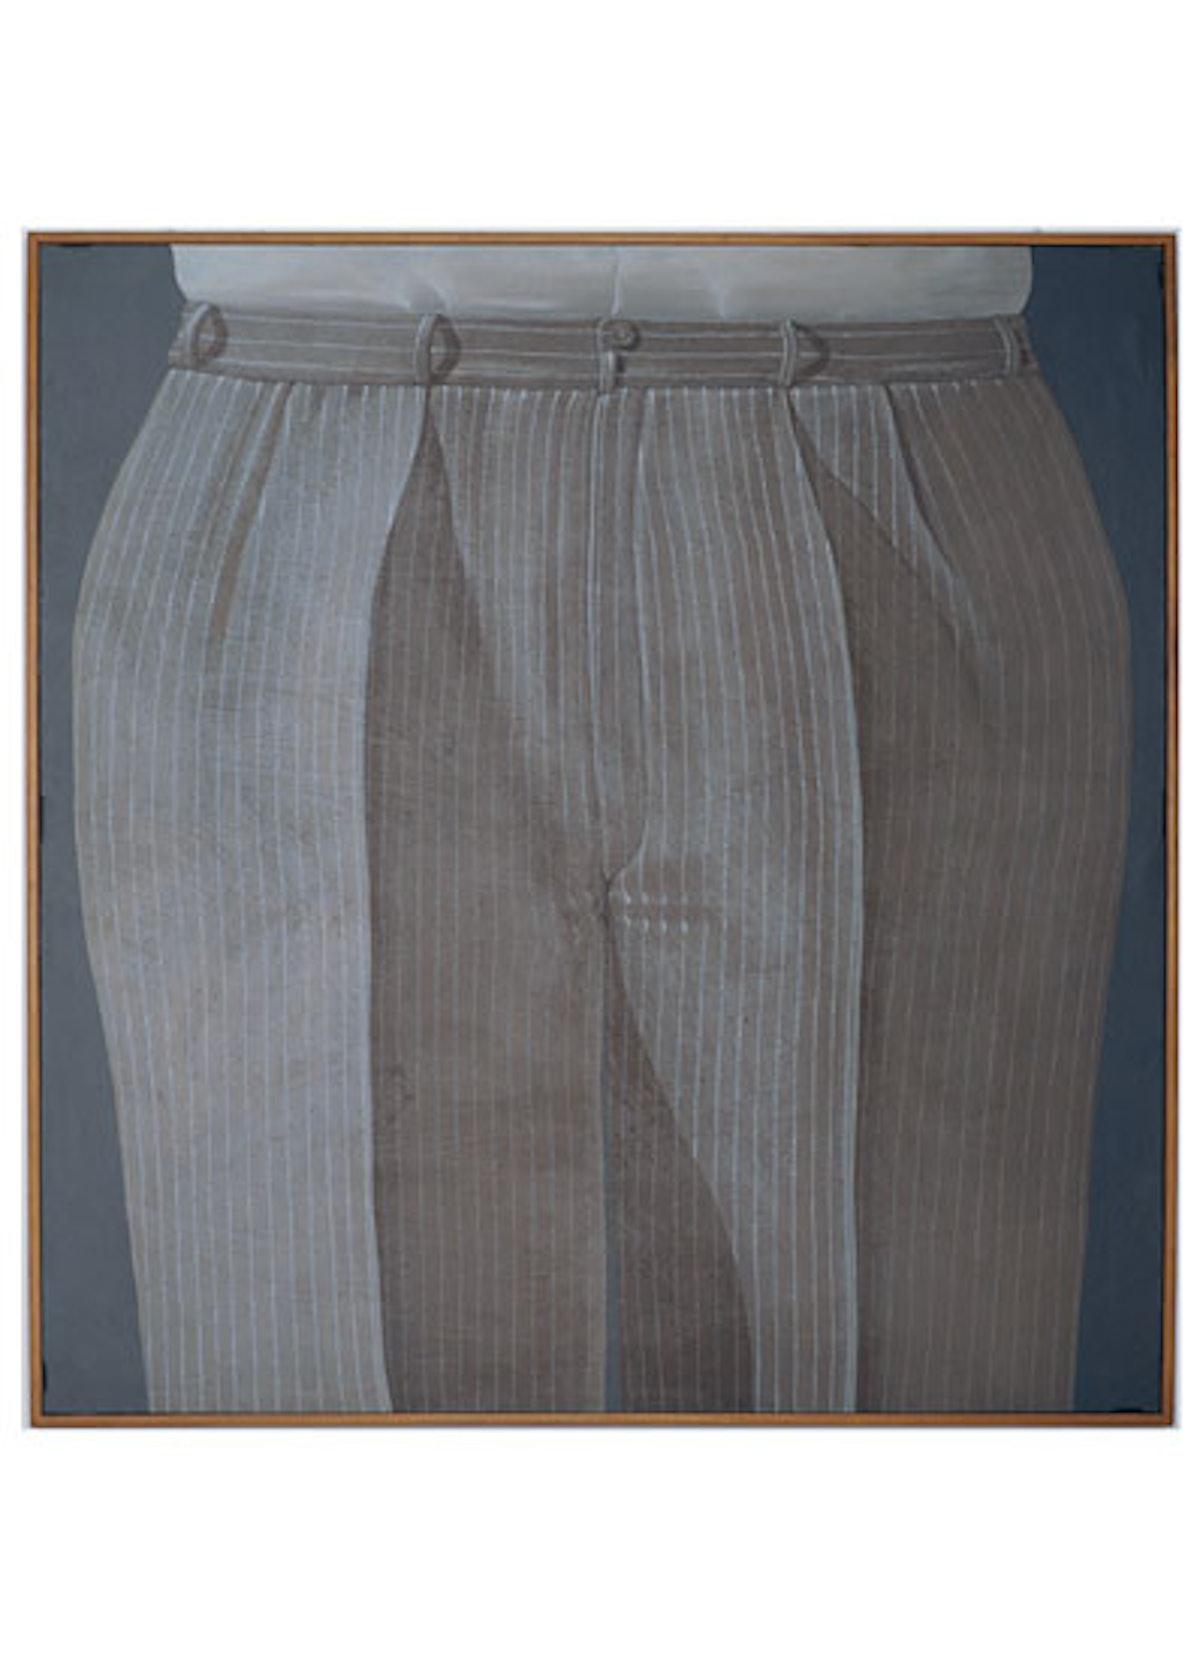 arss-domenico-gnoli-artwork-09-v.jpg